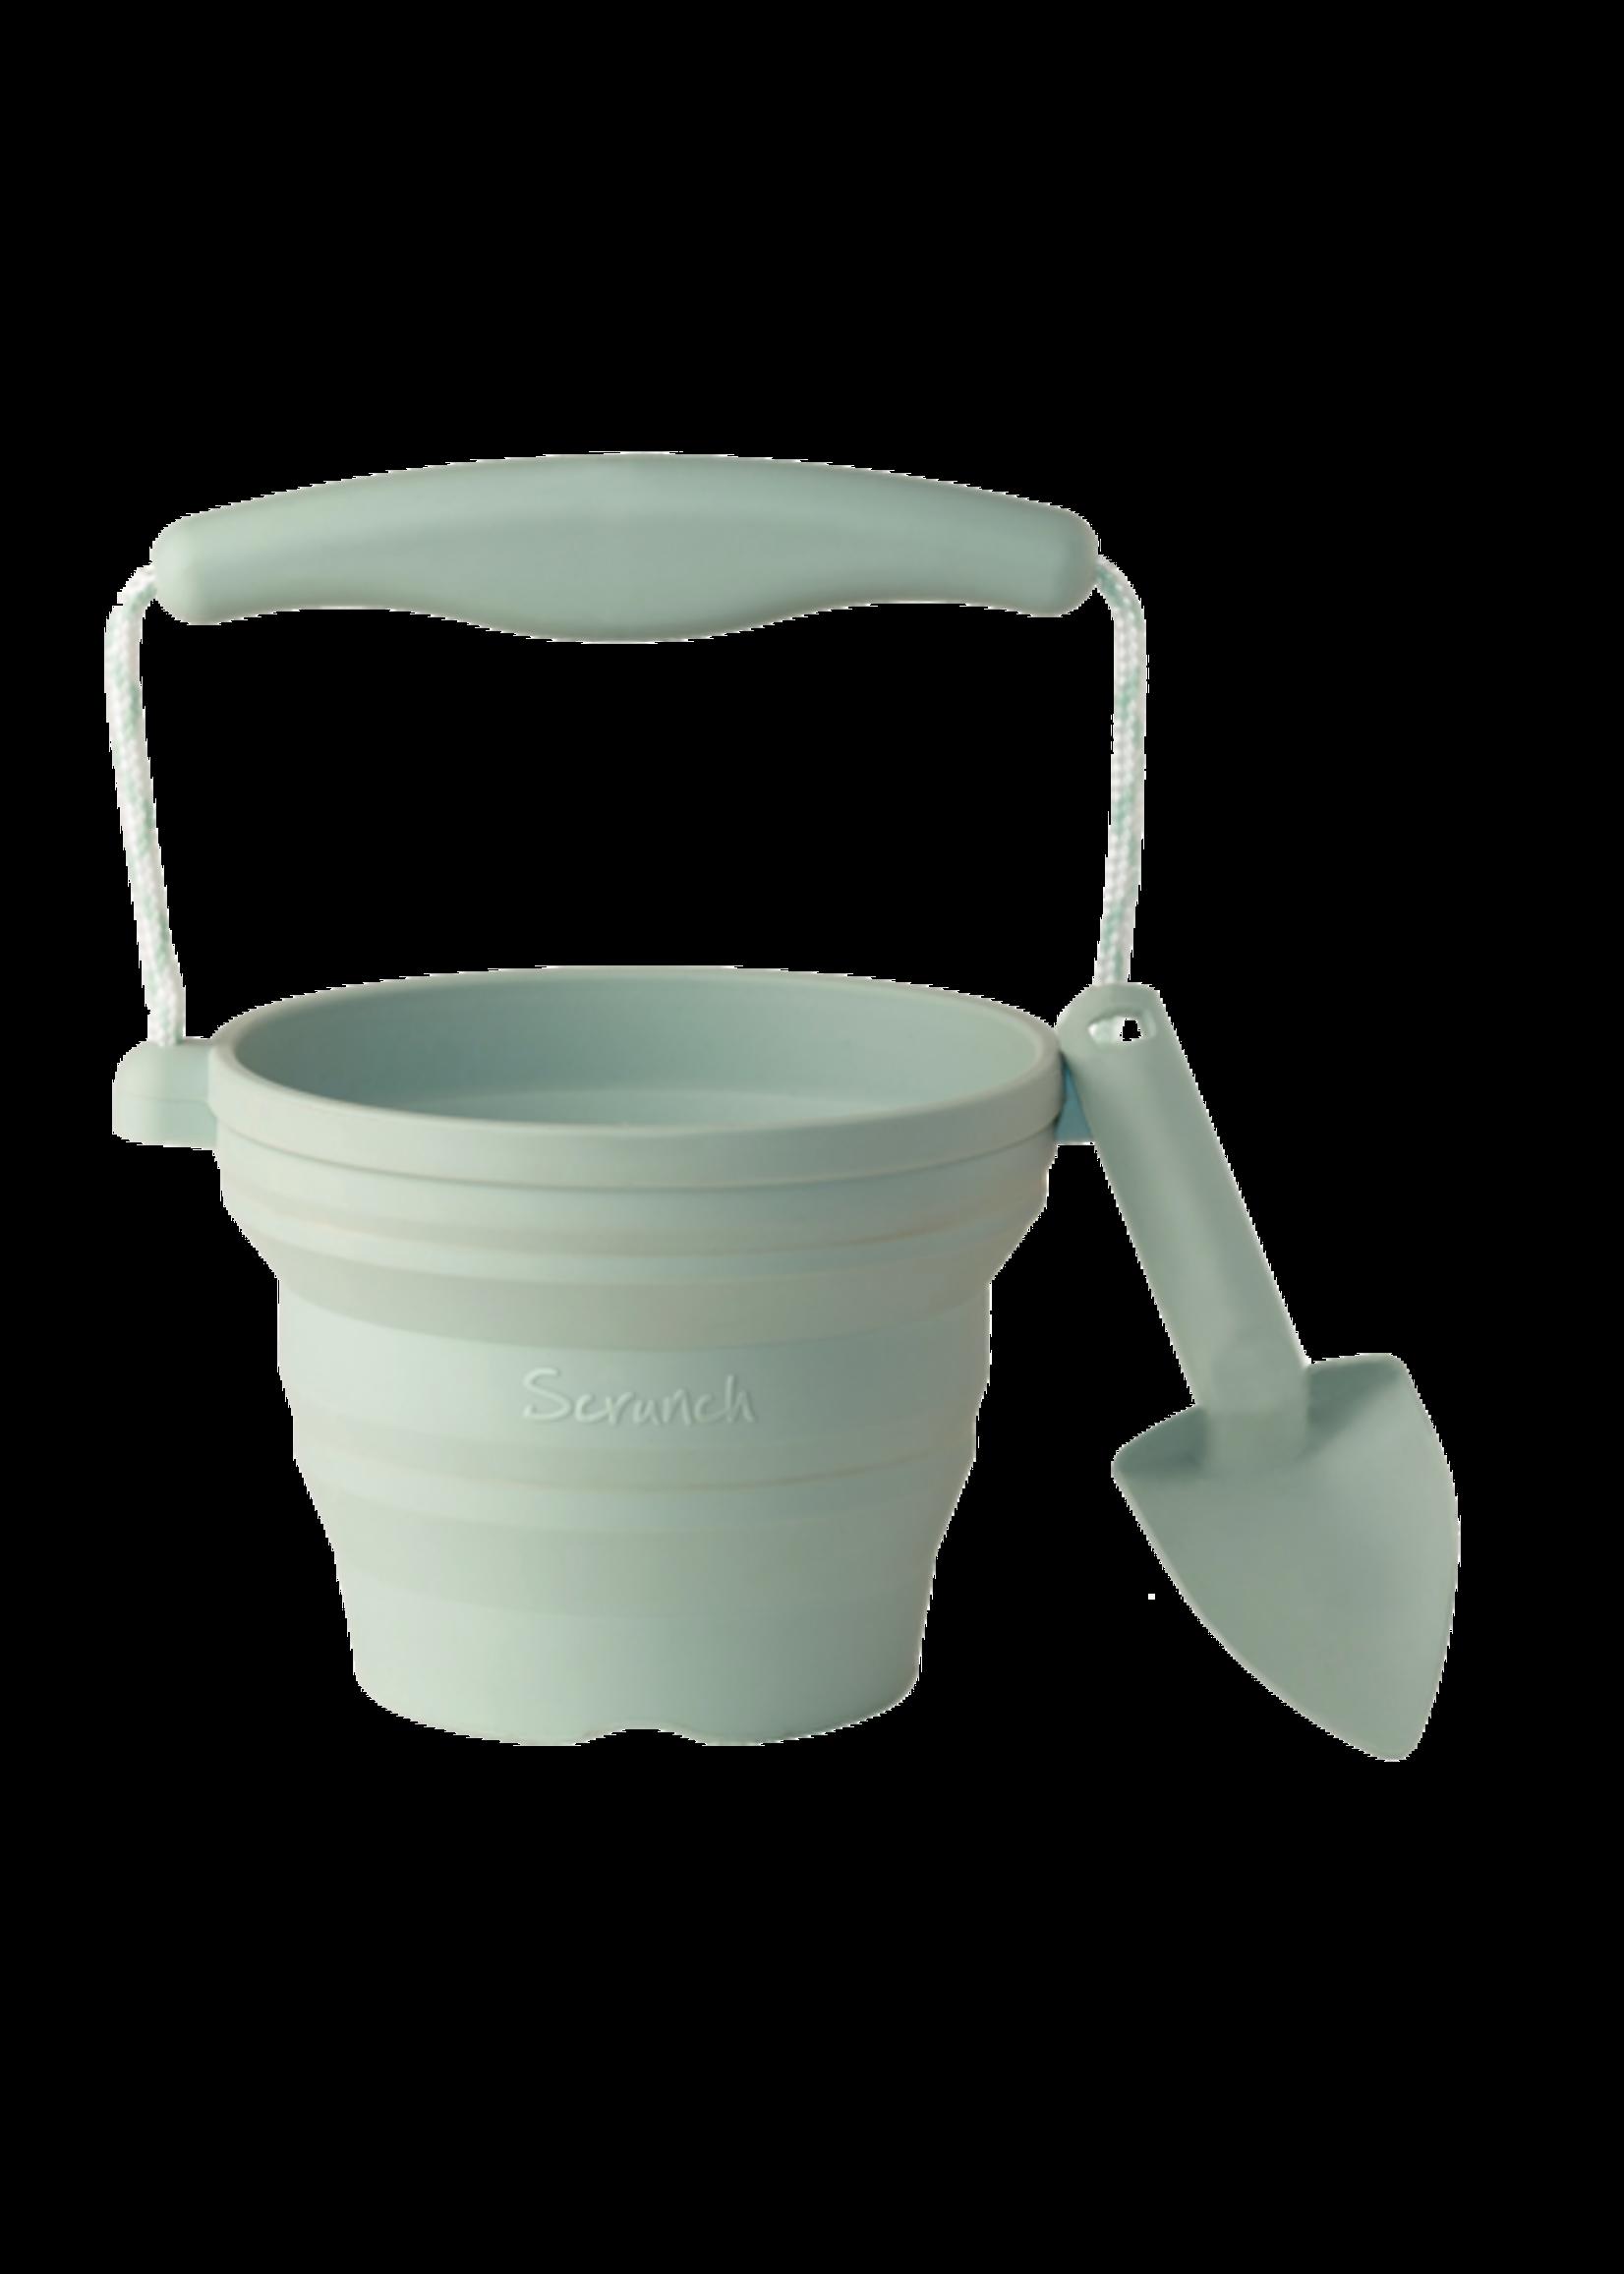 Scrunch Petit pot et pelle  rétractable en silicone